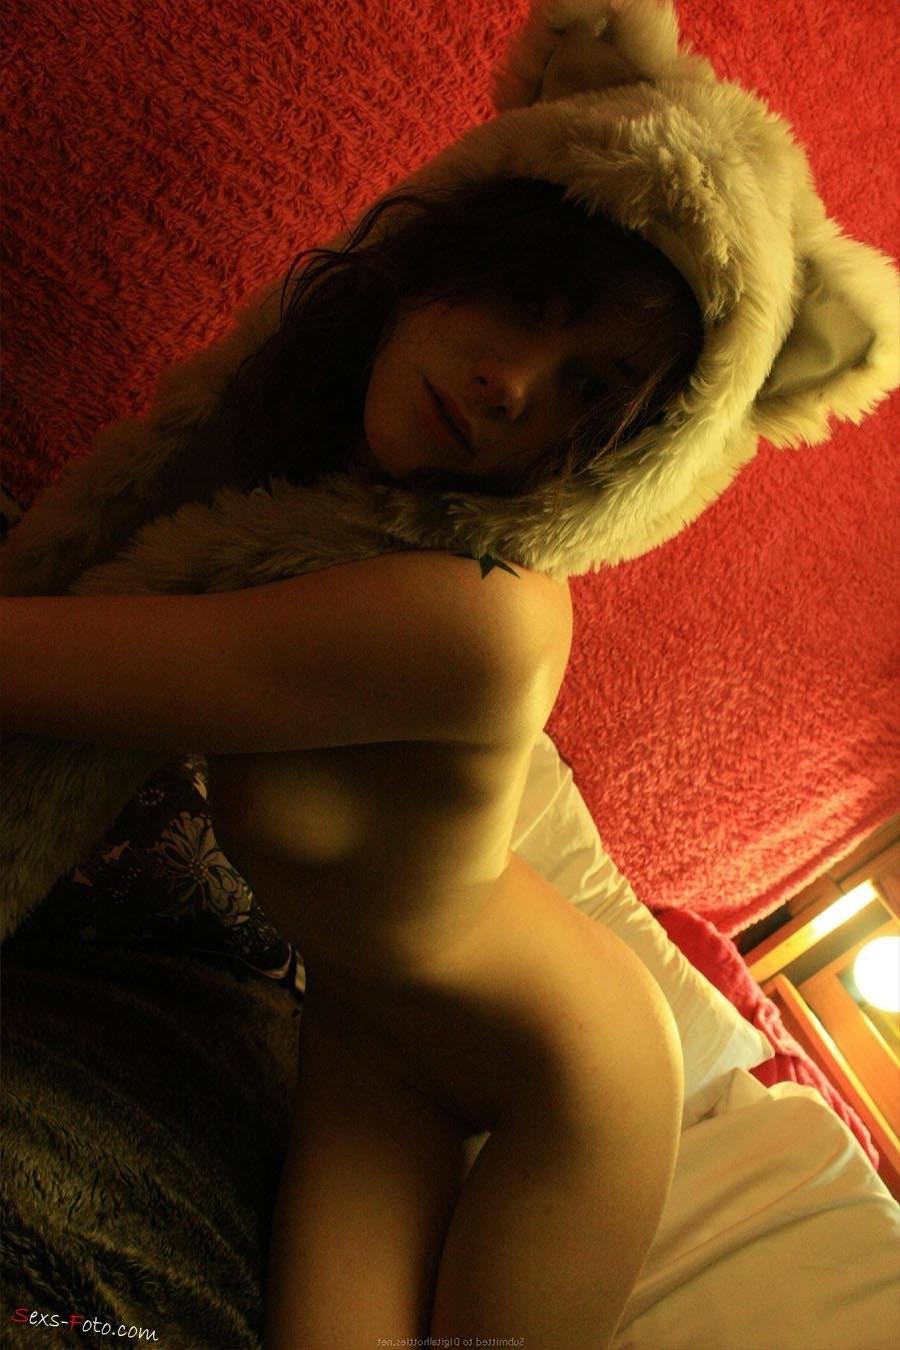 nude south indian actress photos – Other